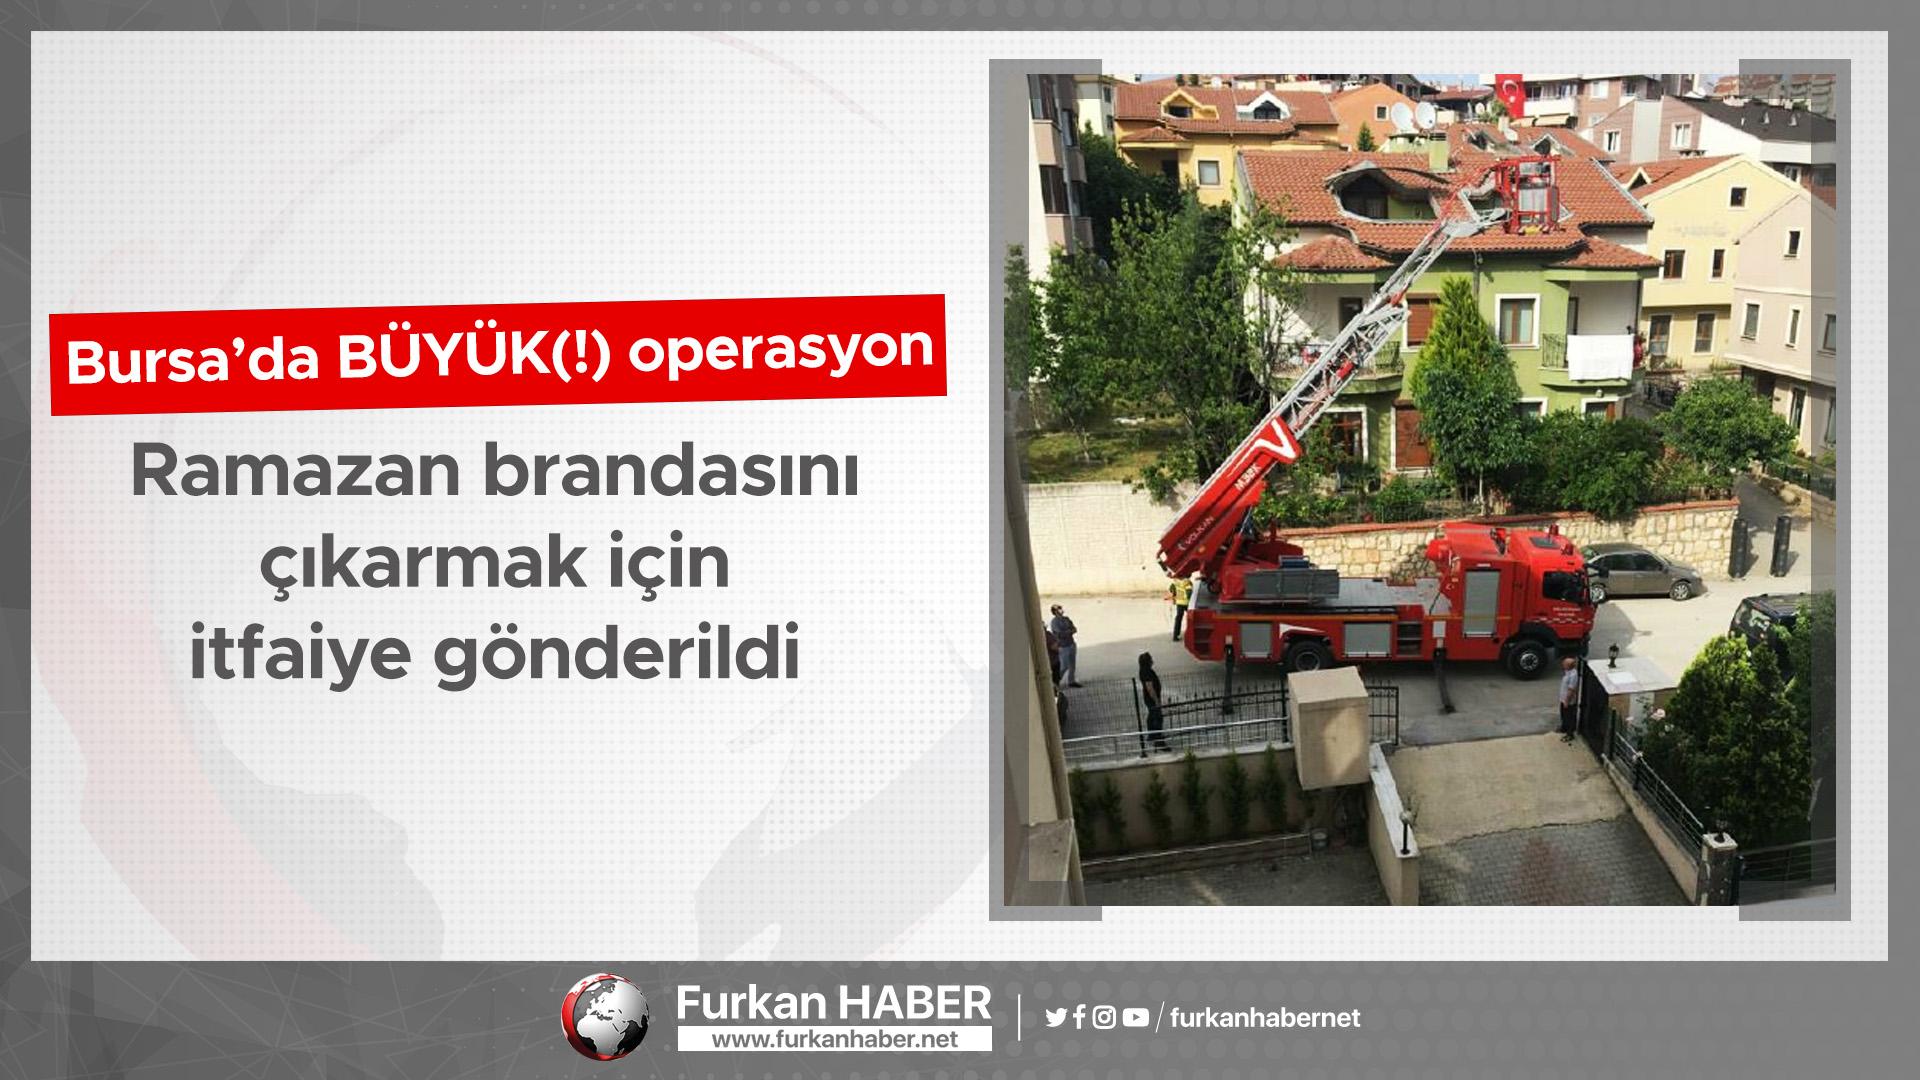 Bursa'da BÜYÜK(!) Operasyon: Ramazan brandasını çıkarmak için itfaiye gönderildi